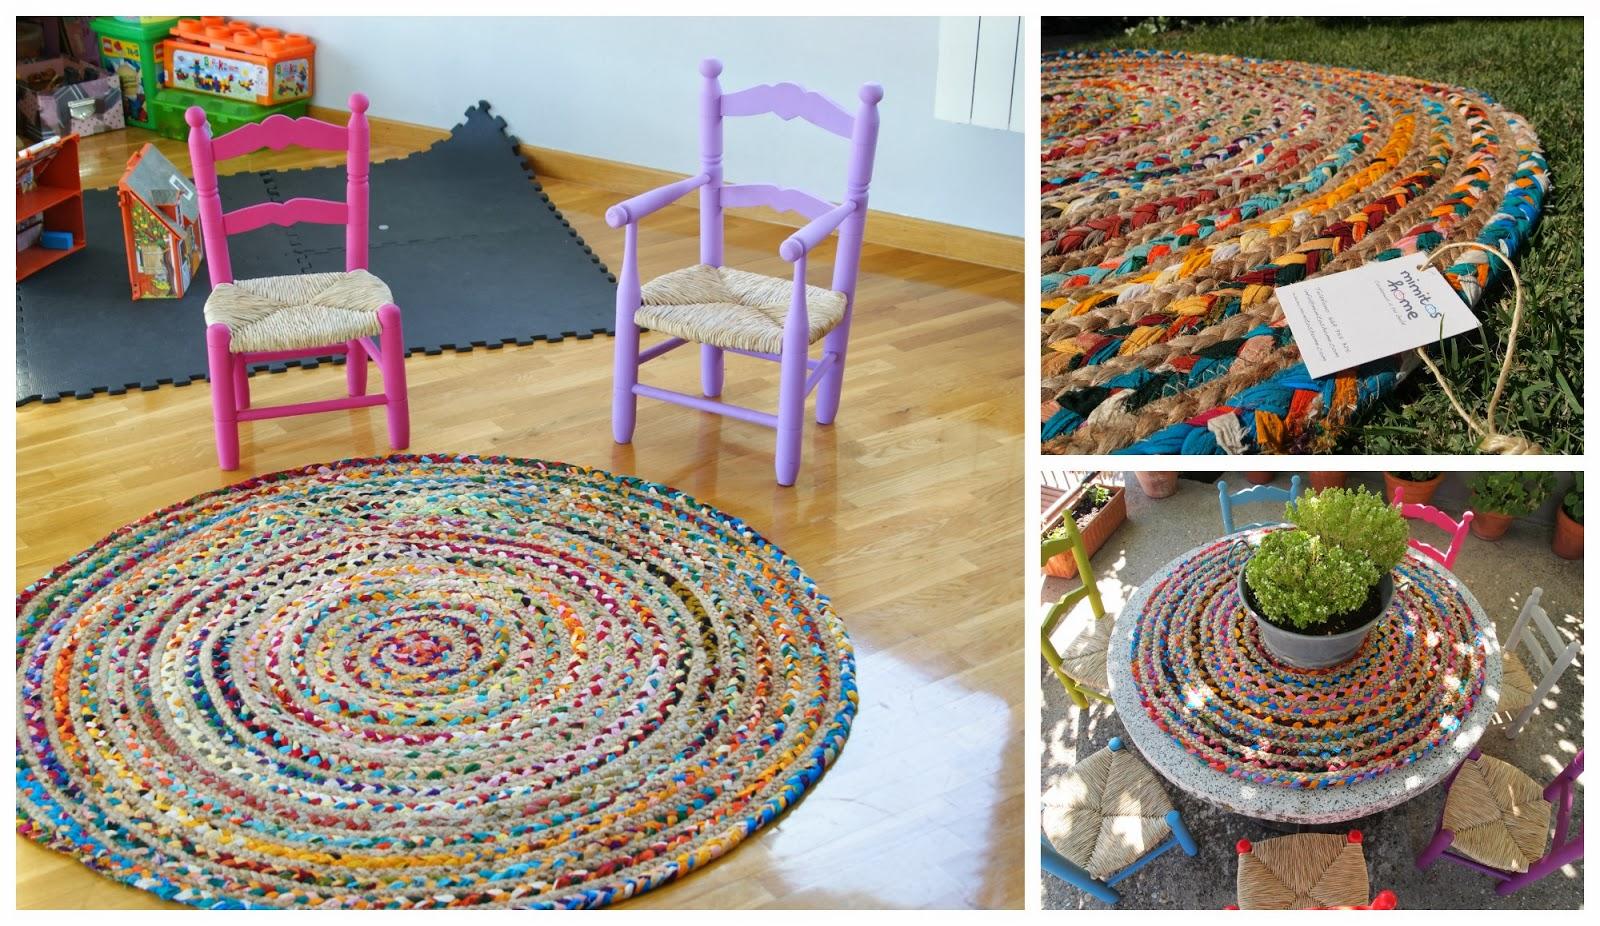 Mimitos home alfombras arrullos mantas mullidas y de - Alfombras redondas ...